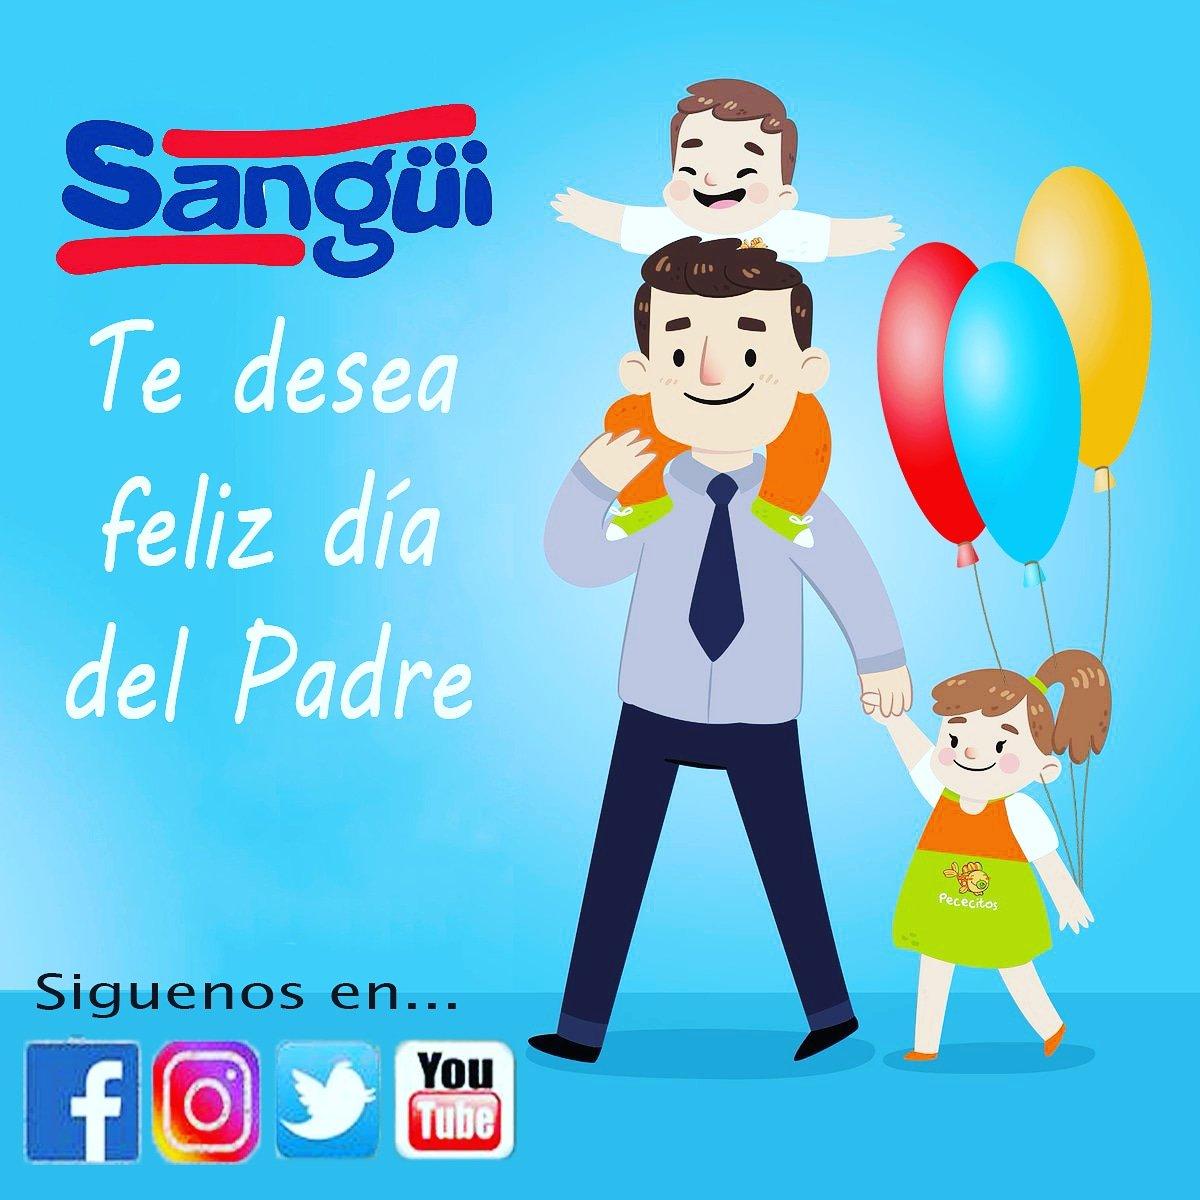 Supermercados Sangüi os desea un feliz día del padre. #instagram #instagood #diadelpadre #diaespecial #picoftheday #picture #murcia #spain #españa #europa   #supermercadossangui #supermercadosmurcia #sangui